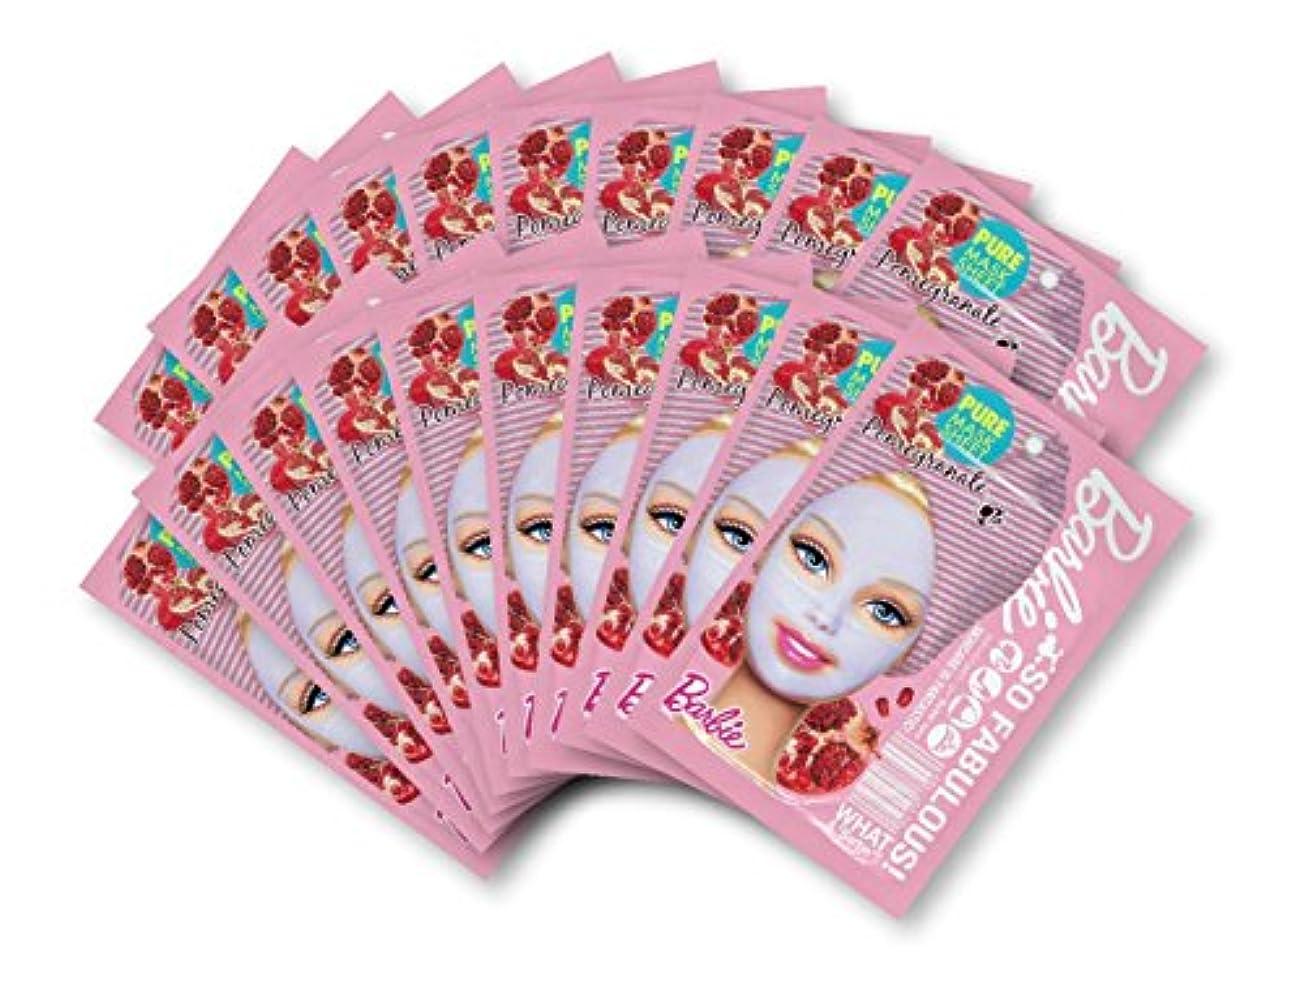 騒加速する一回バービー (Barbie) フェイスマスク ピュアマスクシートN (ポメグラネート/ざくろ) 25ml×20枚入り [保湿] 顔 シートマスク フェイスパック